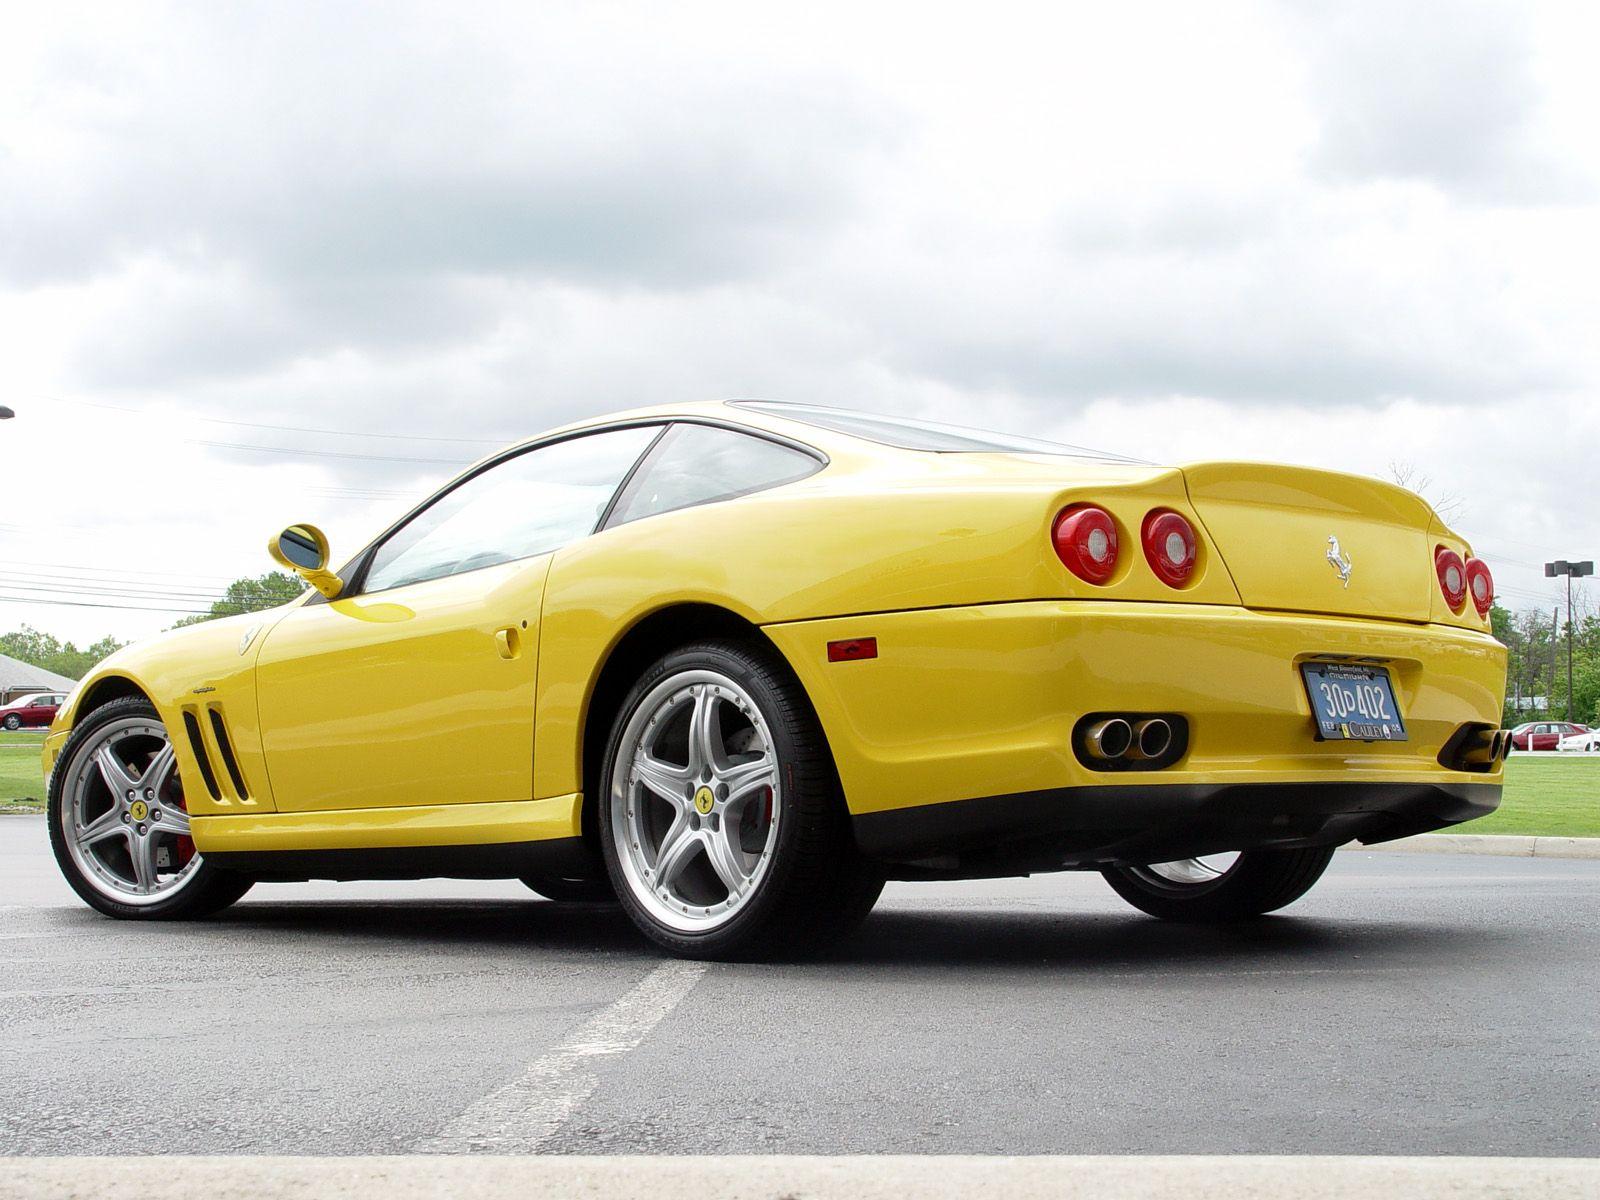 Yellow Ferrari 575M Maranello Car picture , Car HD Wallpaper